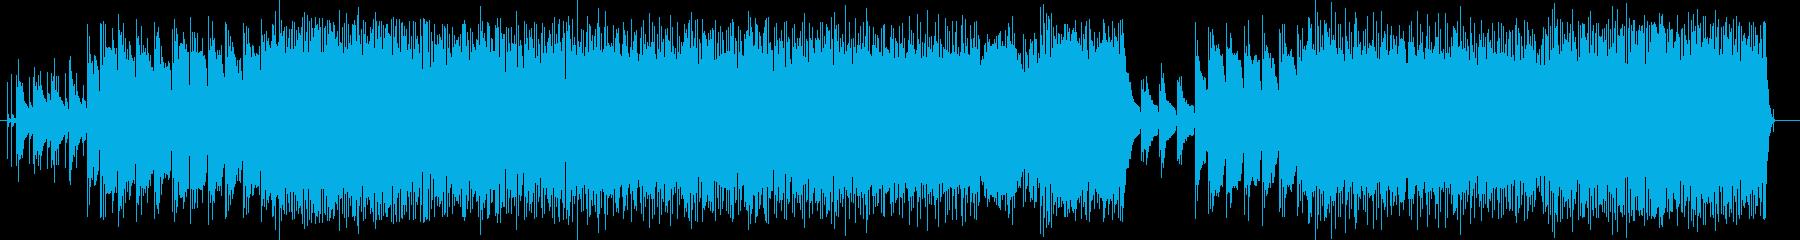 LINKIN風ミクスチャーロックの再生済みの波形